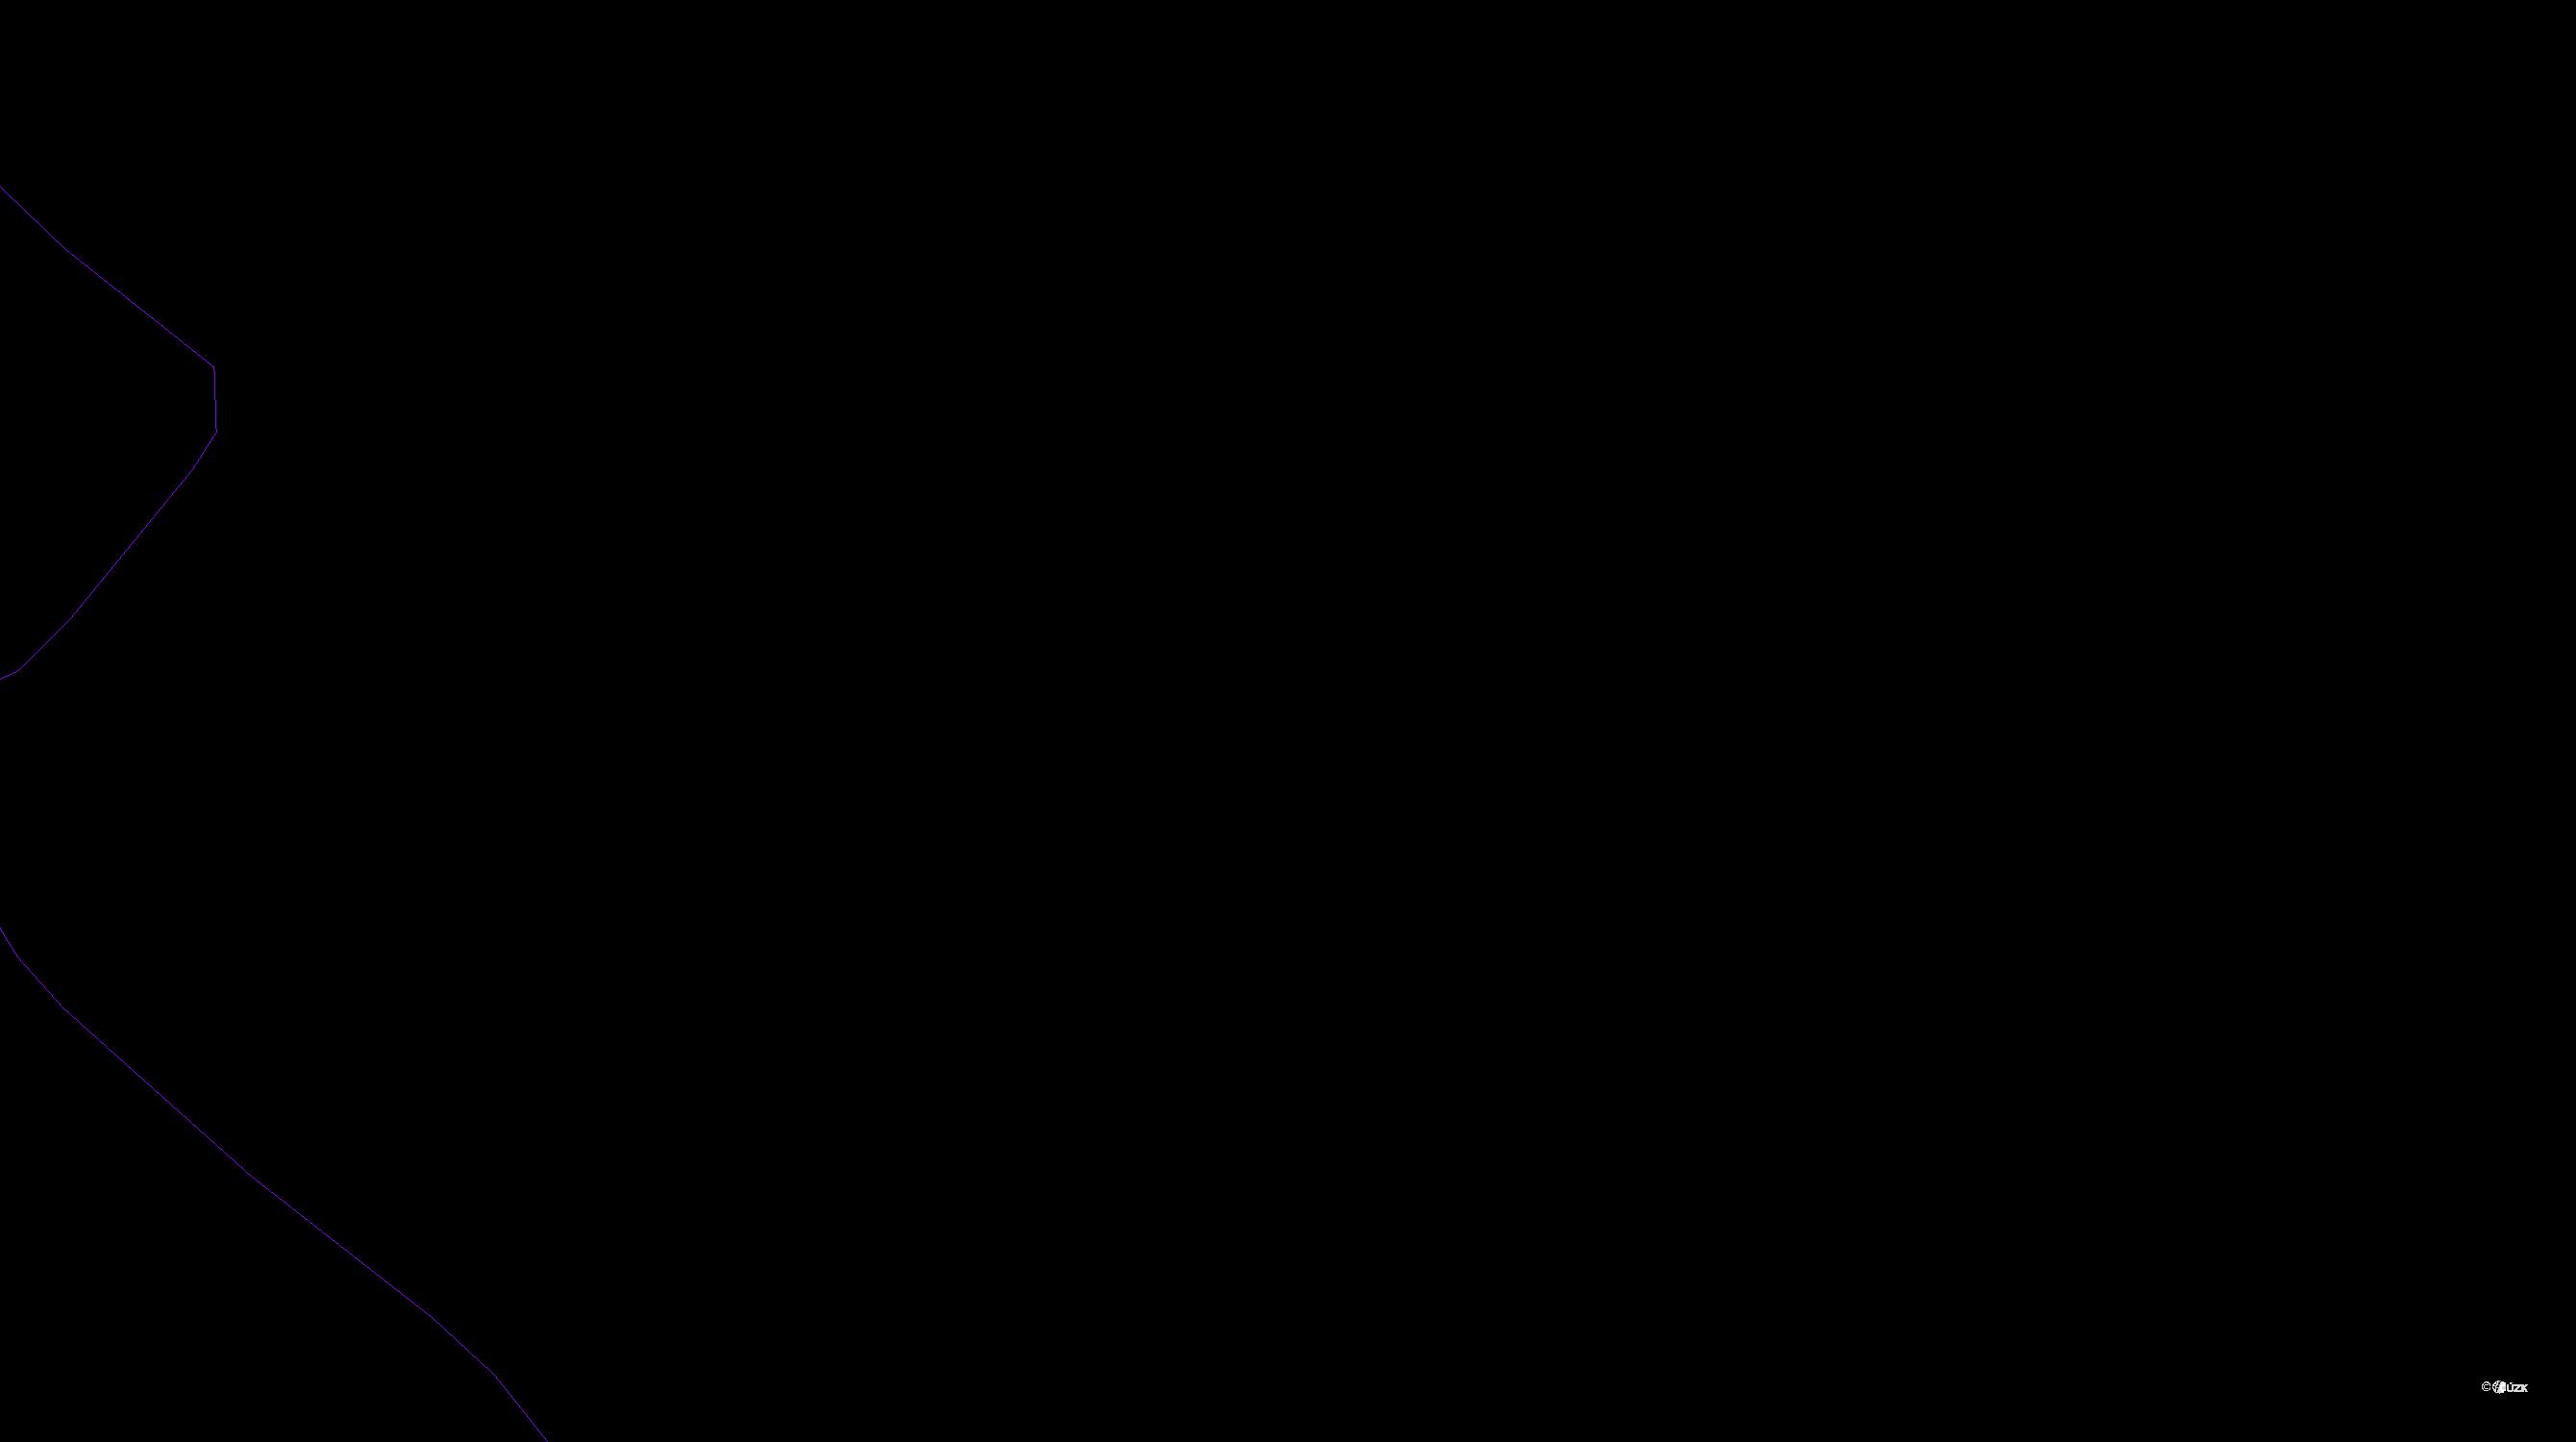 Katastrální mapa pozemků a čísla parcel Předboř nad Jihlavou